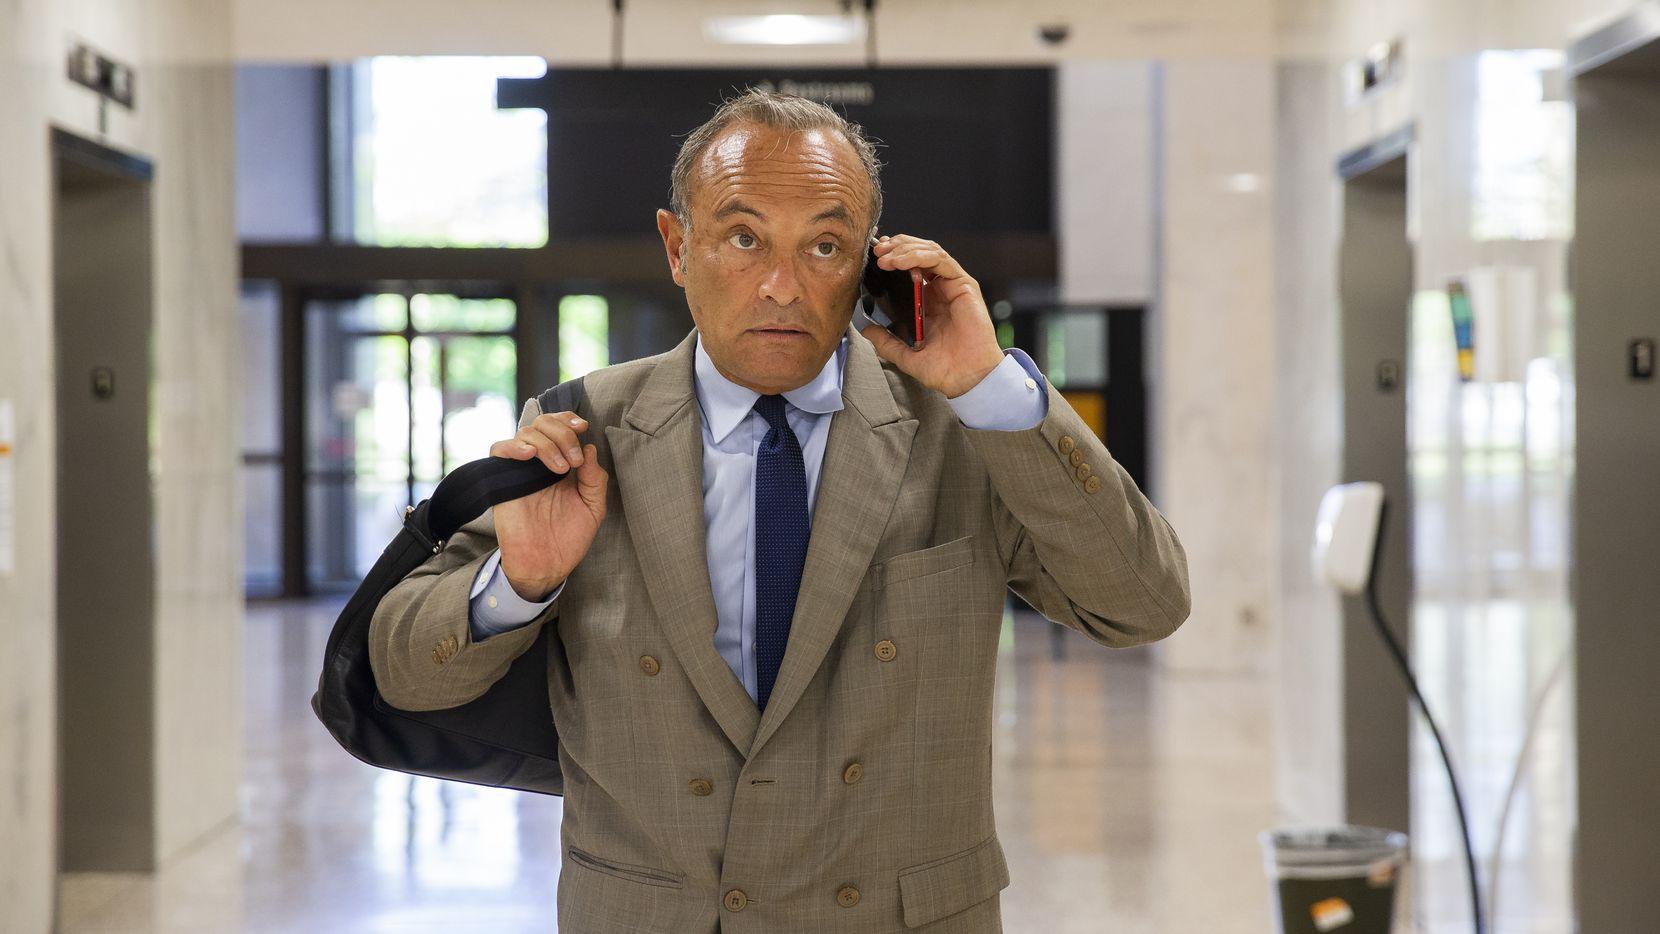 El abogado de inmigración Fernando Dubove habla con uno de sus clientes luego de entregar documentos en el casi vacío edificio de las cortes en Dallas, en donde los juicios migratorios no han sido cancelados pese a la pandemia.